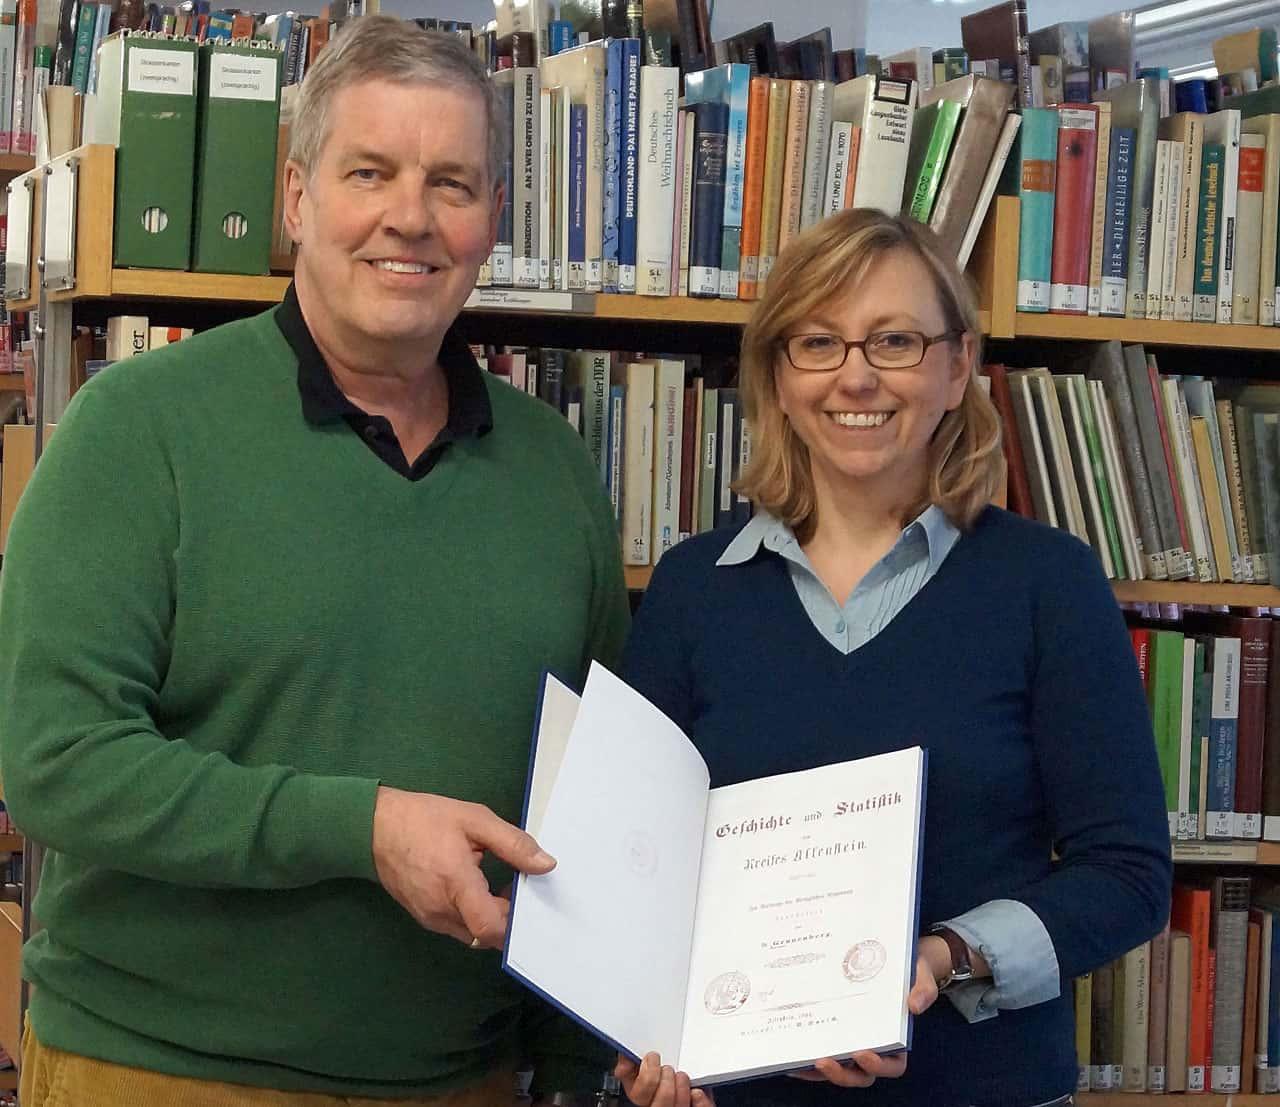 Kreisvertreter Hans-Peter Blasche übergibt einen Abdruck eines seltenen Buches über den Kreis Allenstein an die Leiterin der Bibliothek Frau Margarete Polok.